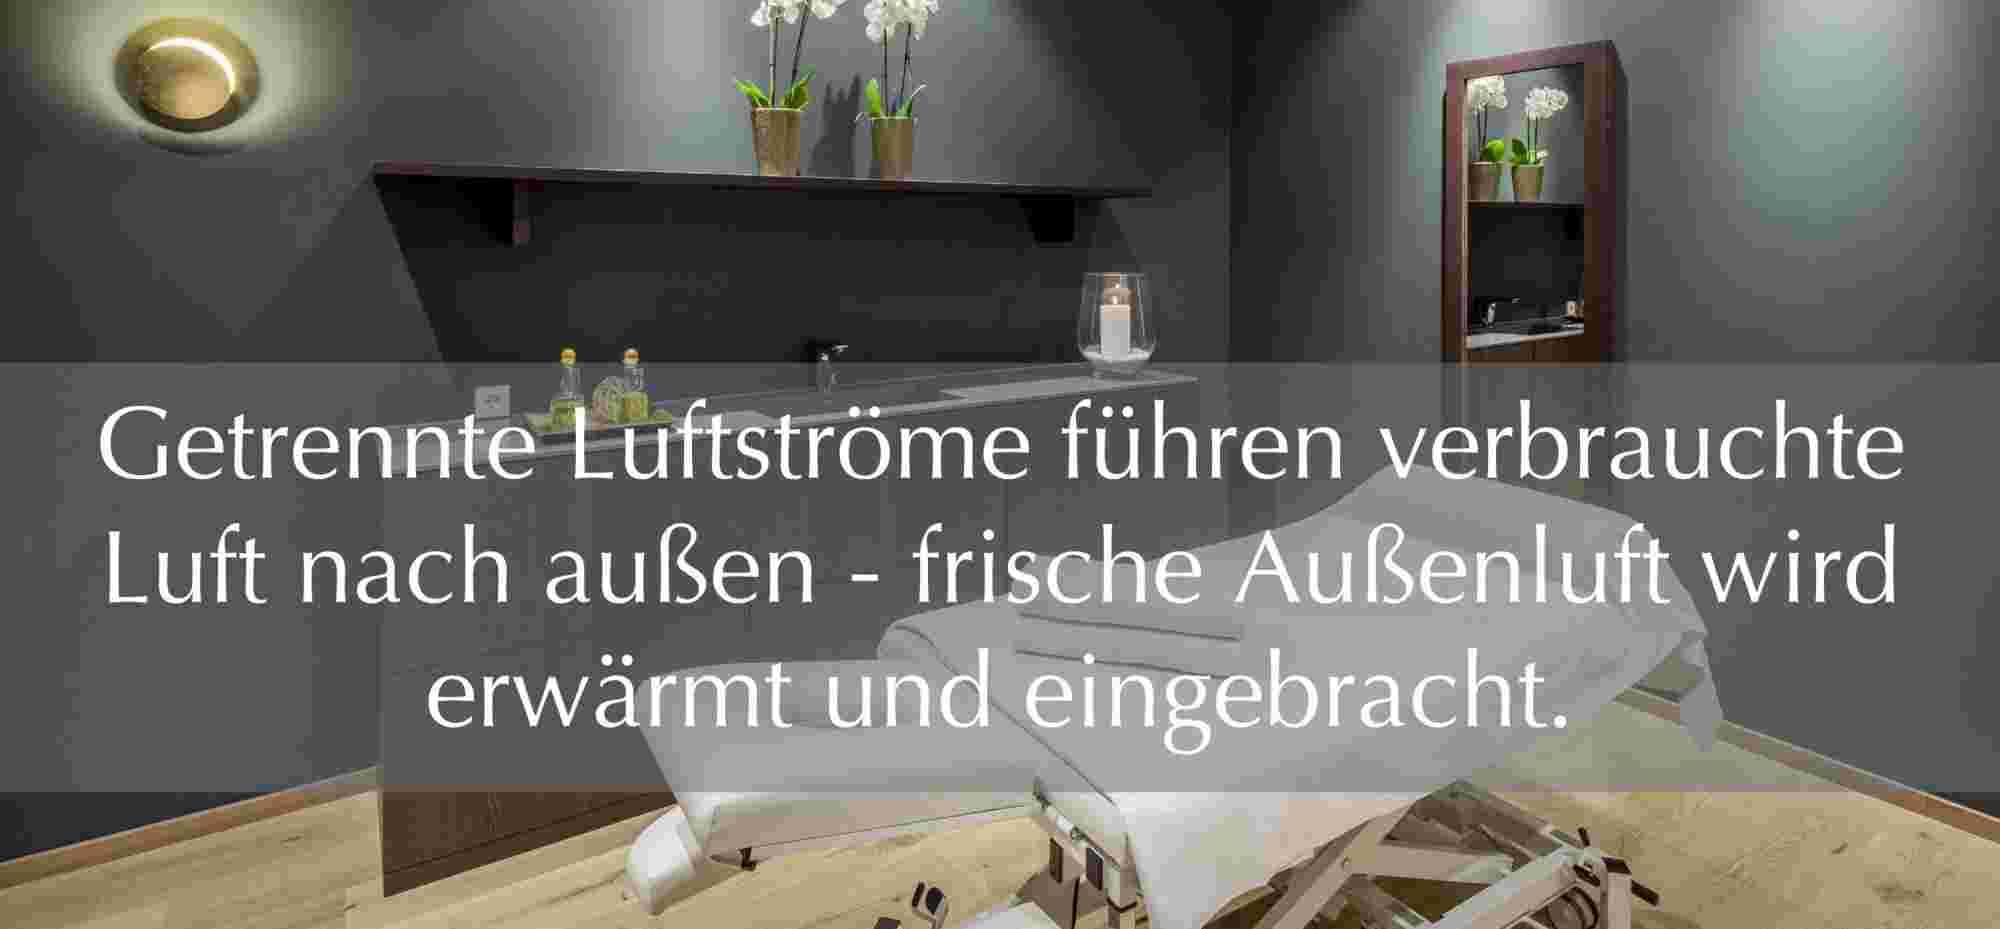 Lüftungsanlage Physiotherapie im Hotel Allgäu Sonne